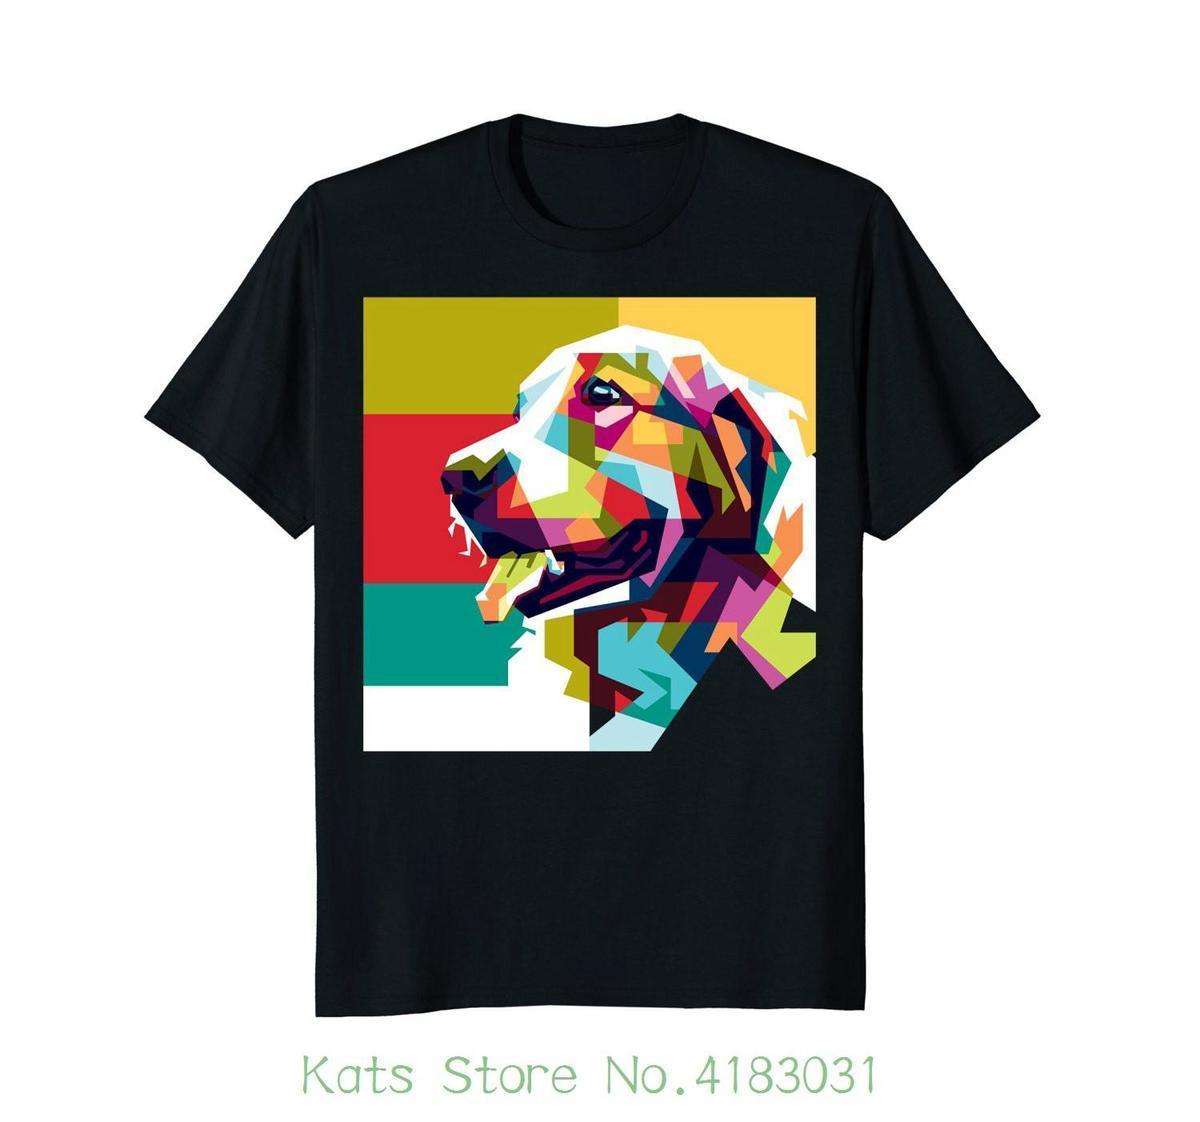 c38e502a48 ... golden retriever t shirt golden dog gift dog t shirt short ...